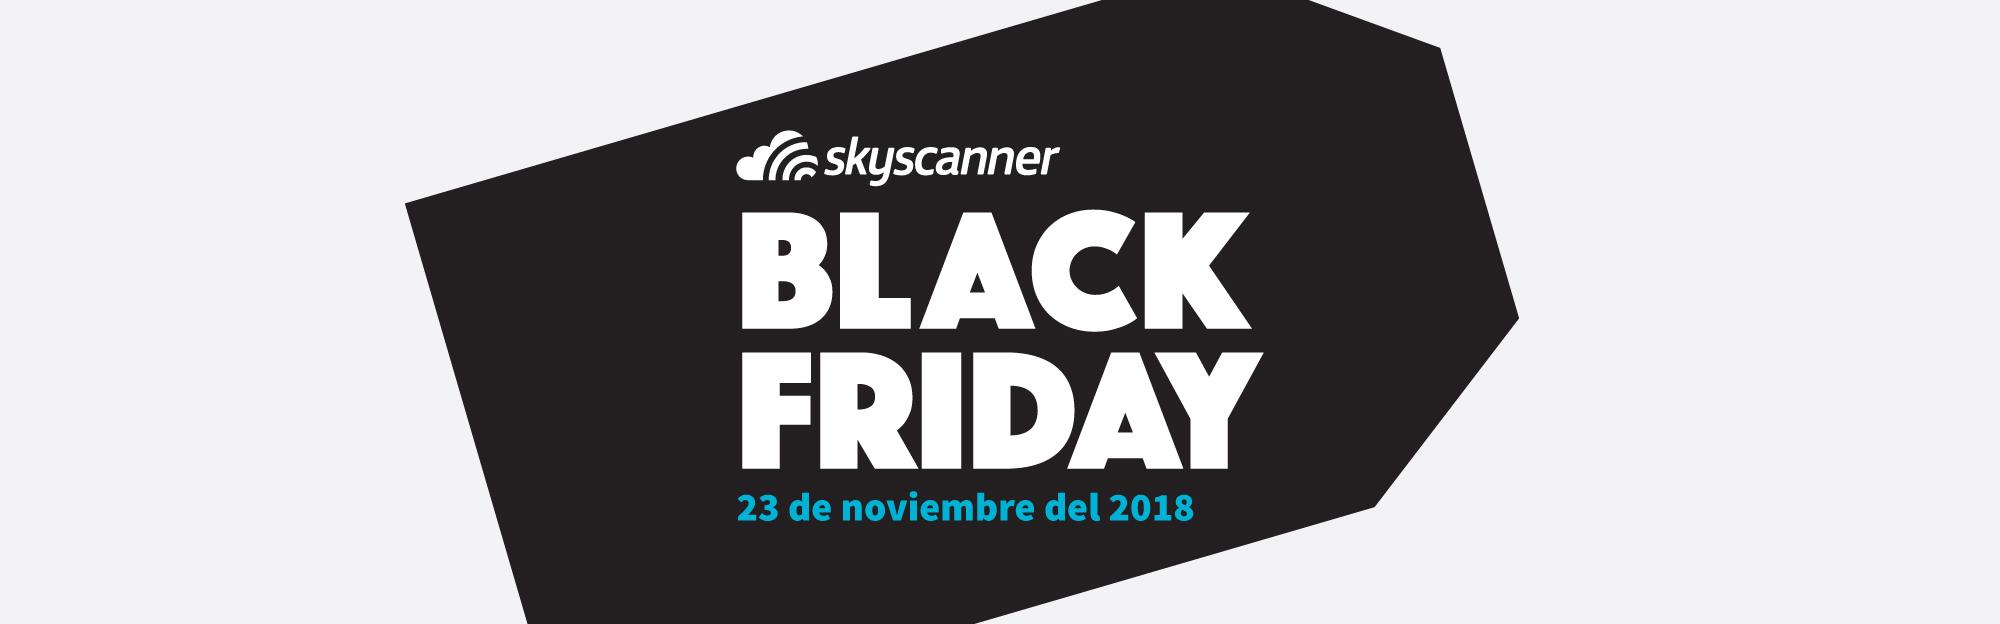 eba09c55f6 Black Friday vuelos 2018 - ofertas en tiempo real   Skyscanner